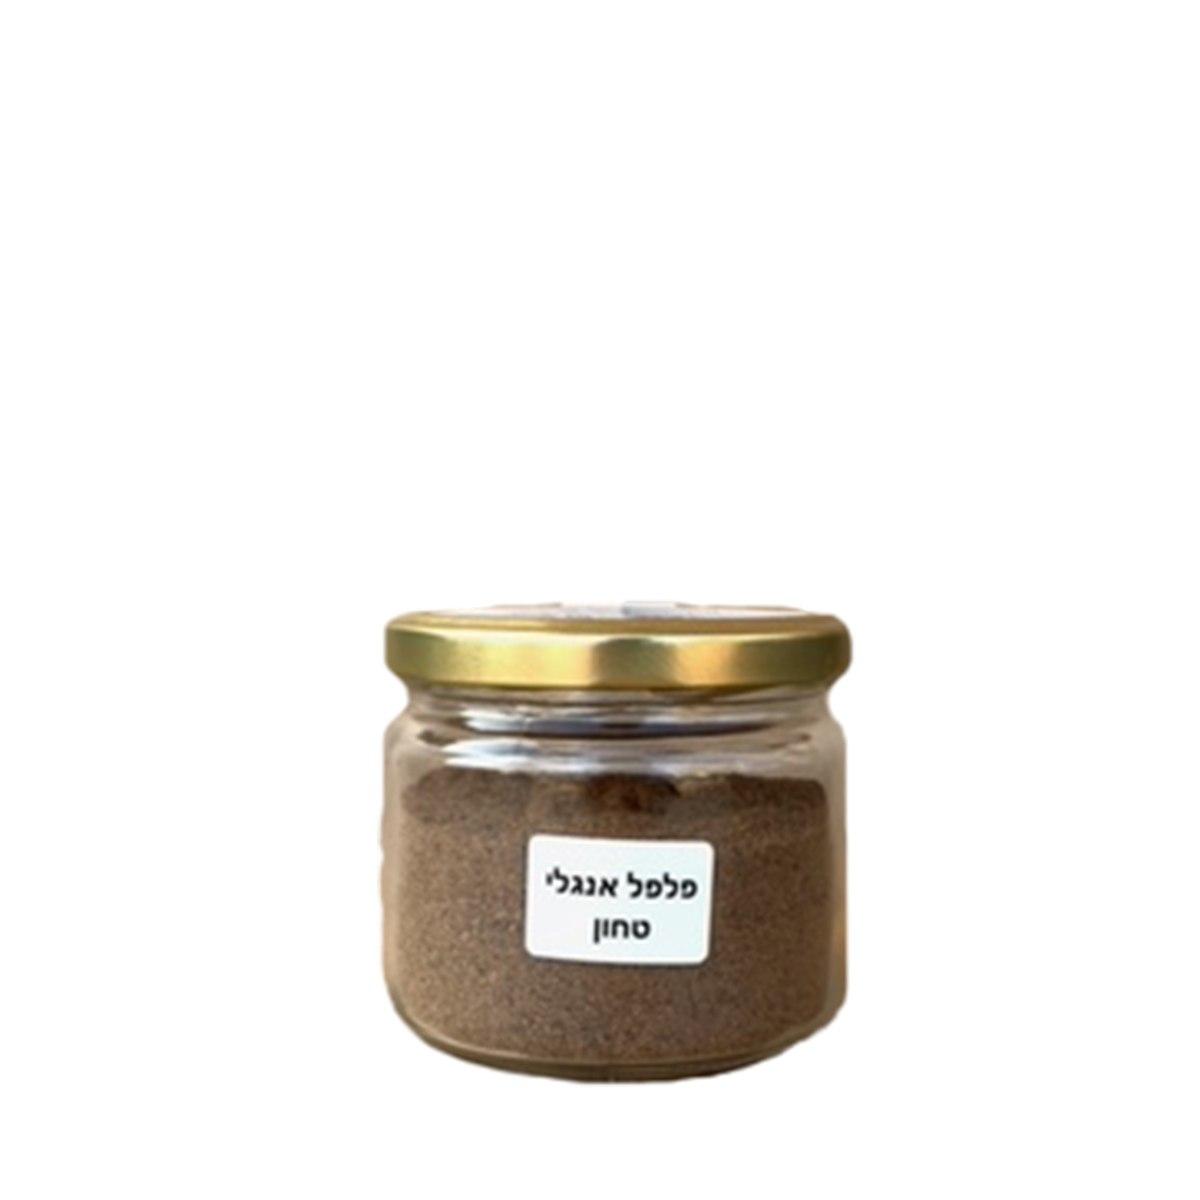 צנצנת פלפל אנגלי טחון 100 גרם